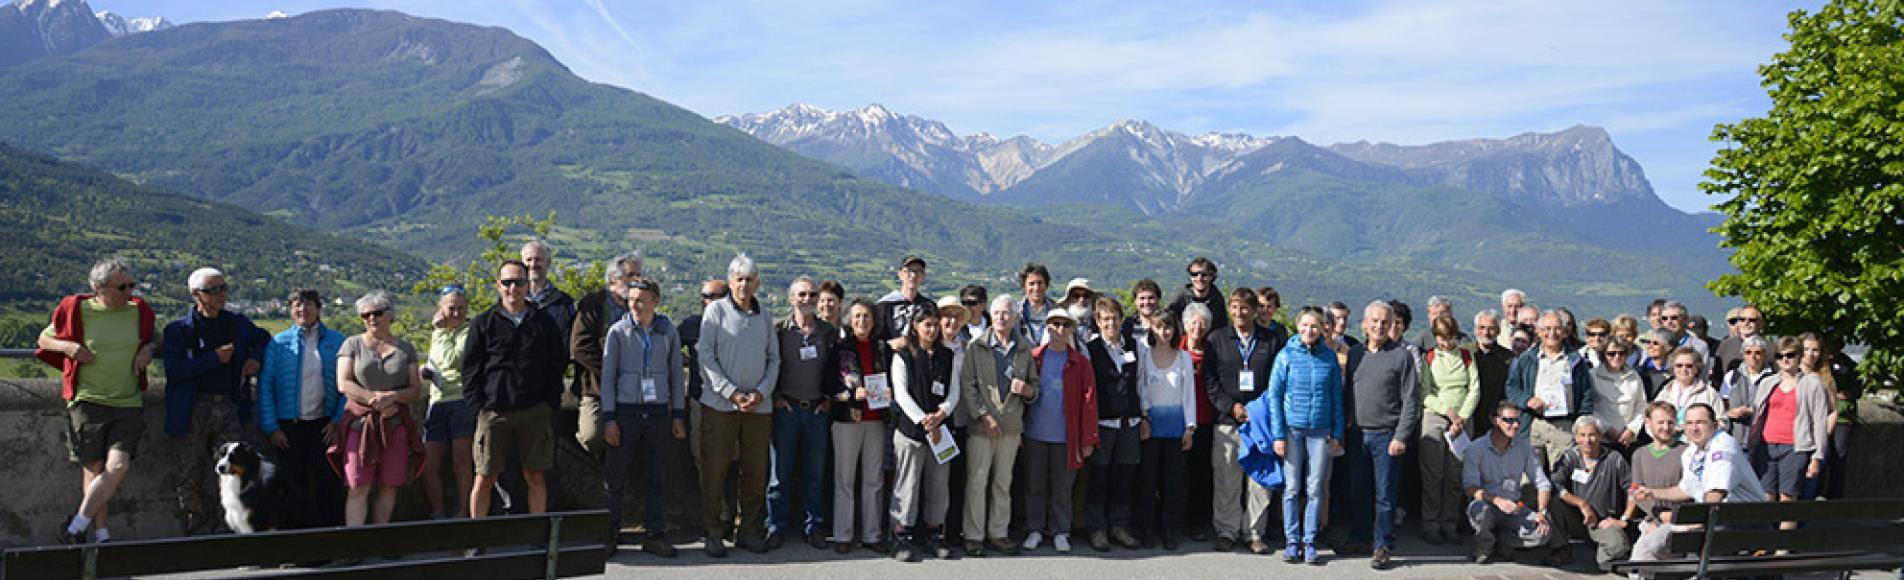 Au départ de la manutention, une soixantaine de naturalistes et les premiers participants - photo Parc national des Ecrins